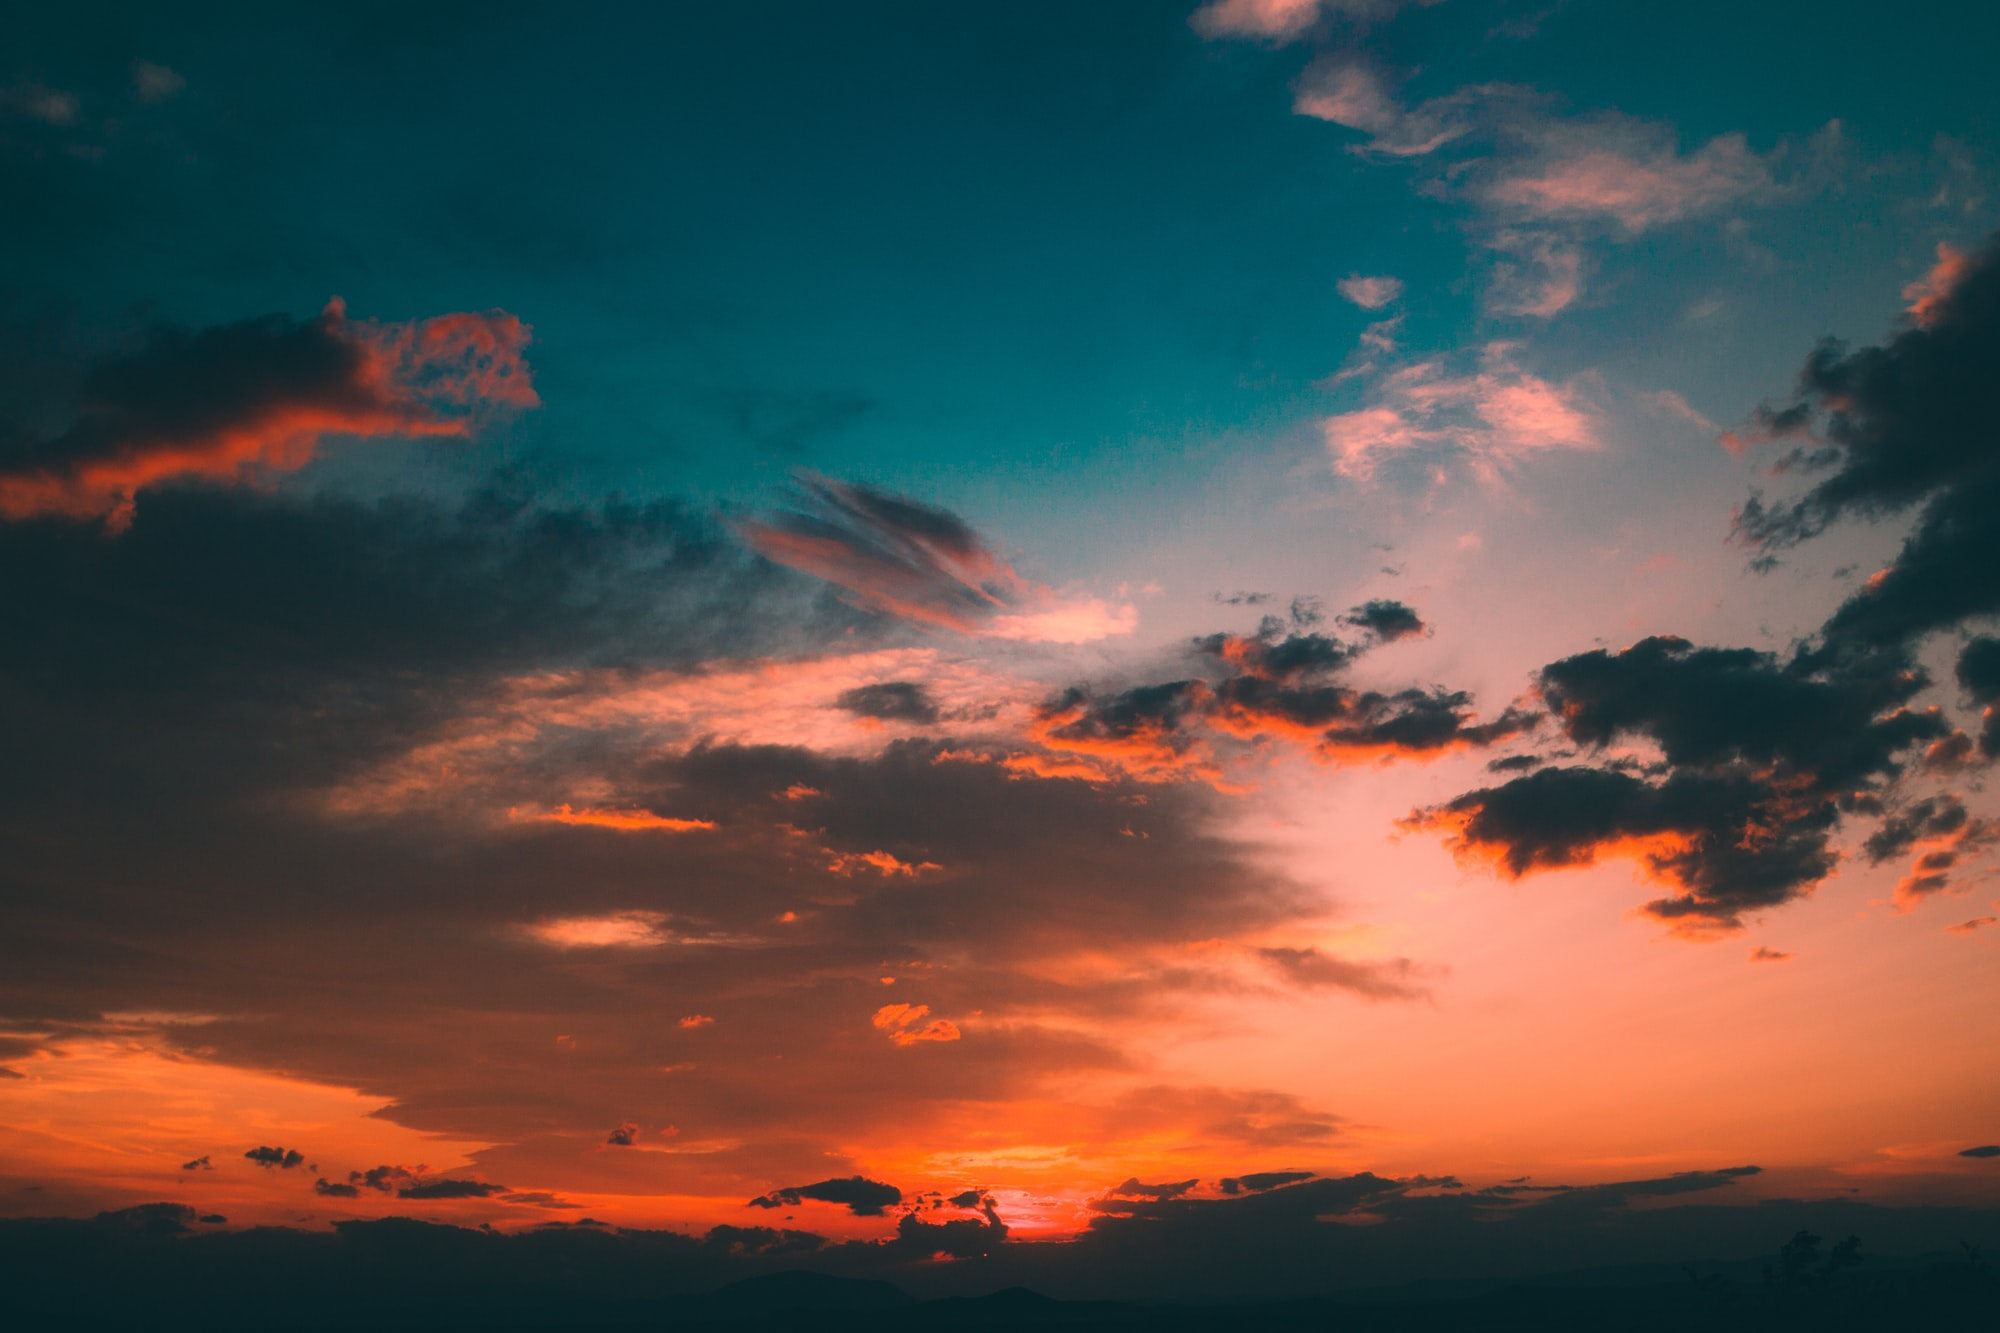 Фотографируем свет в облаках на небе